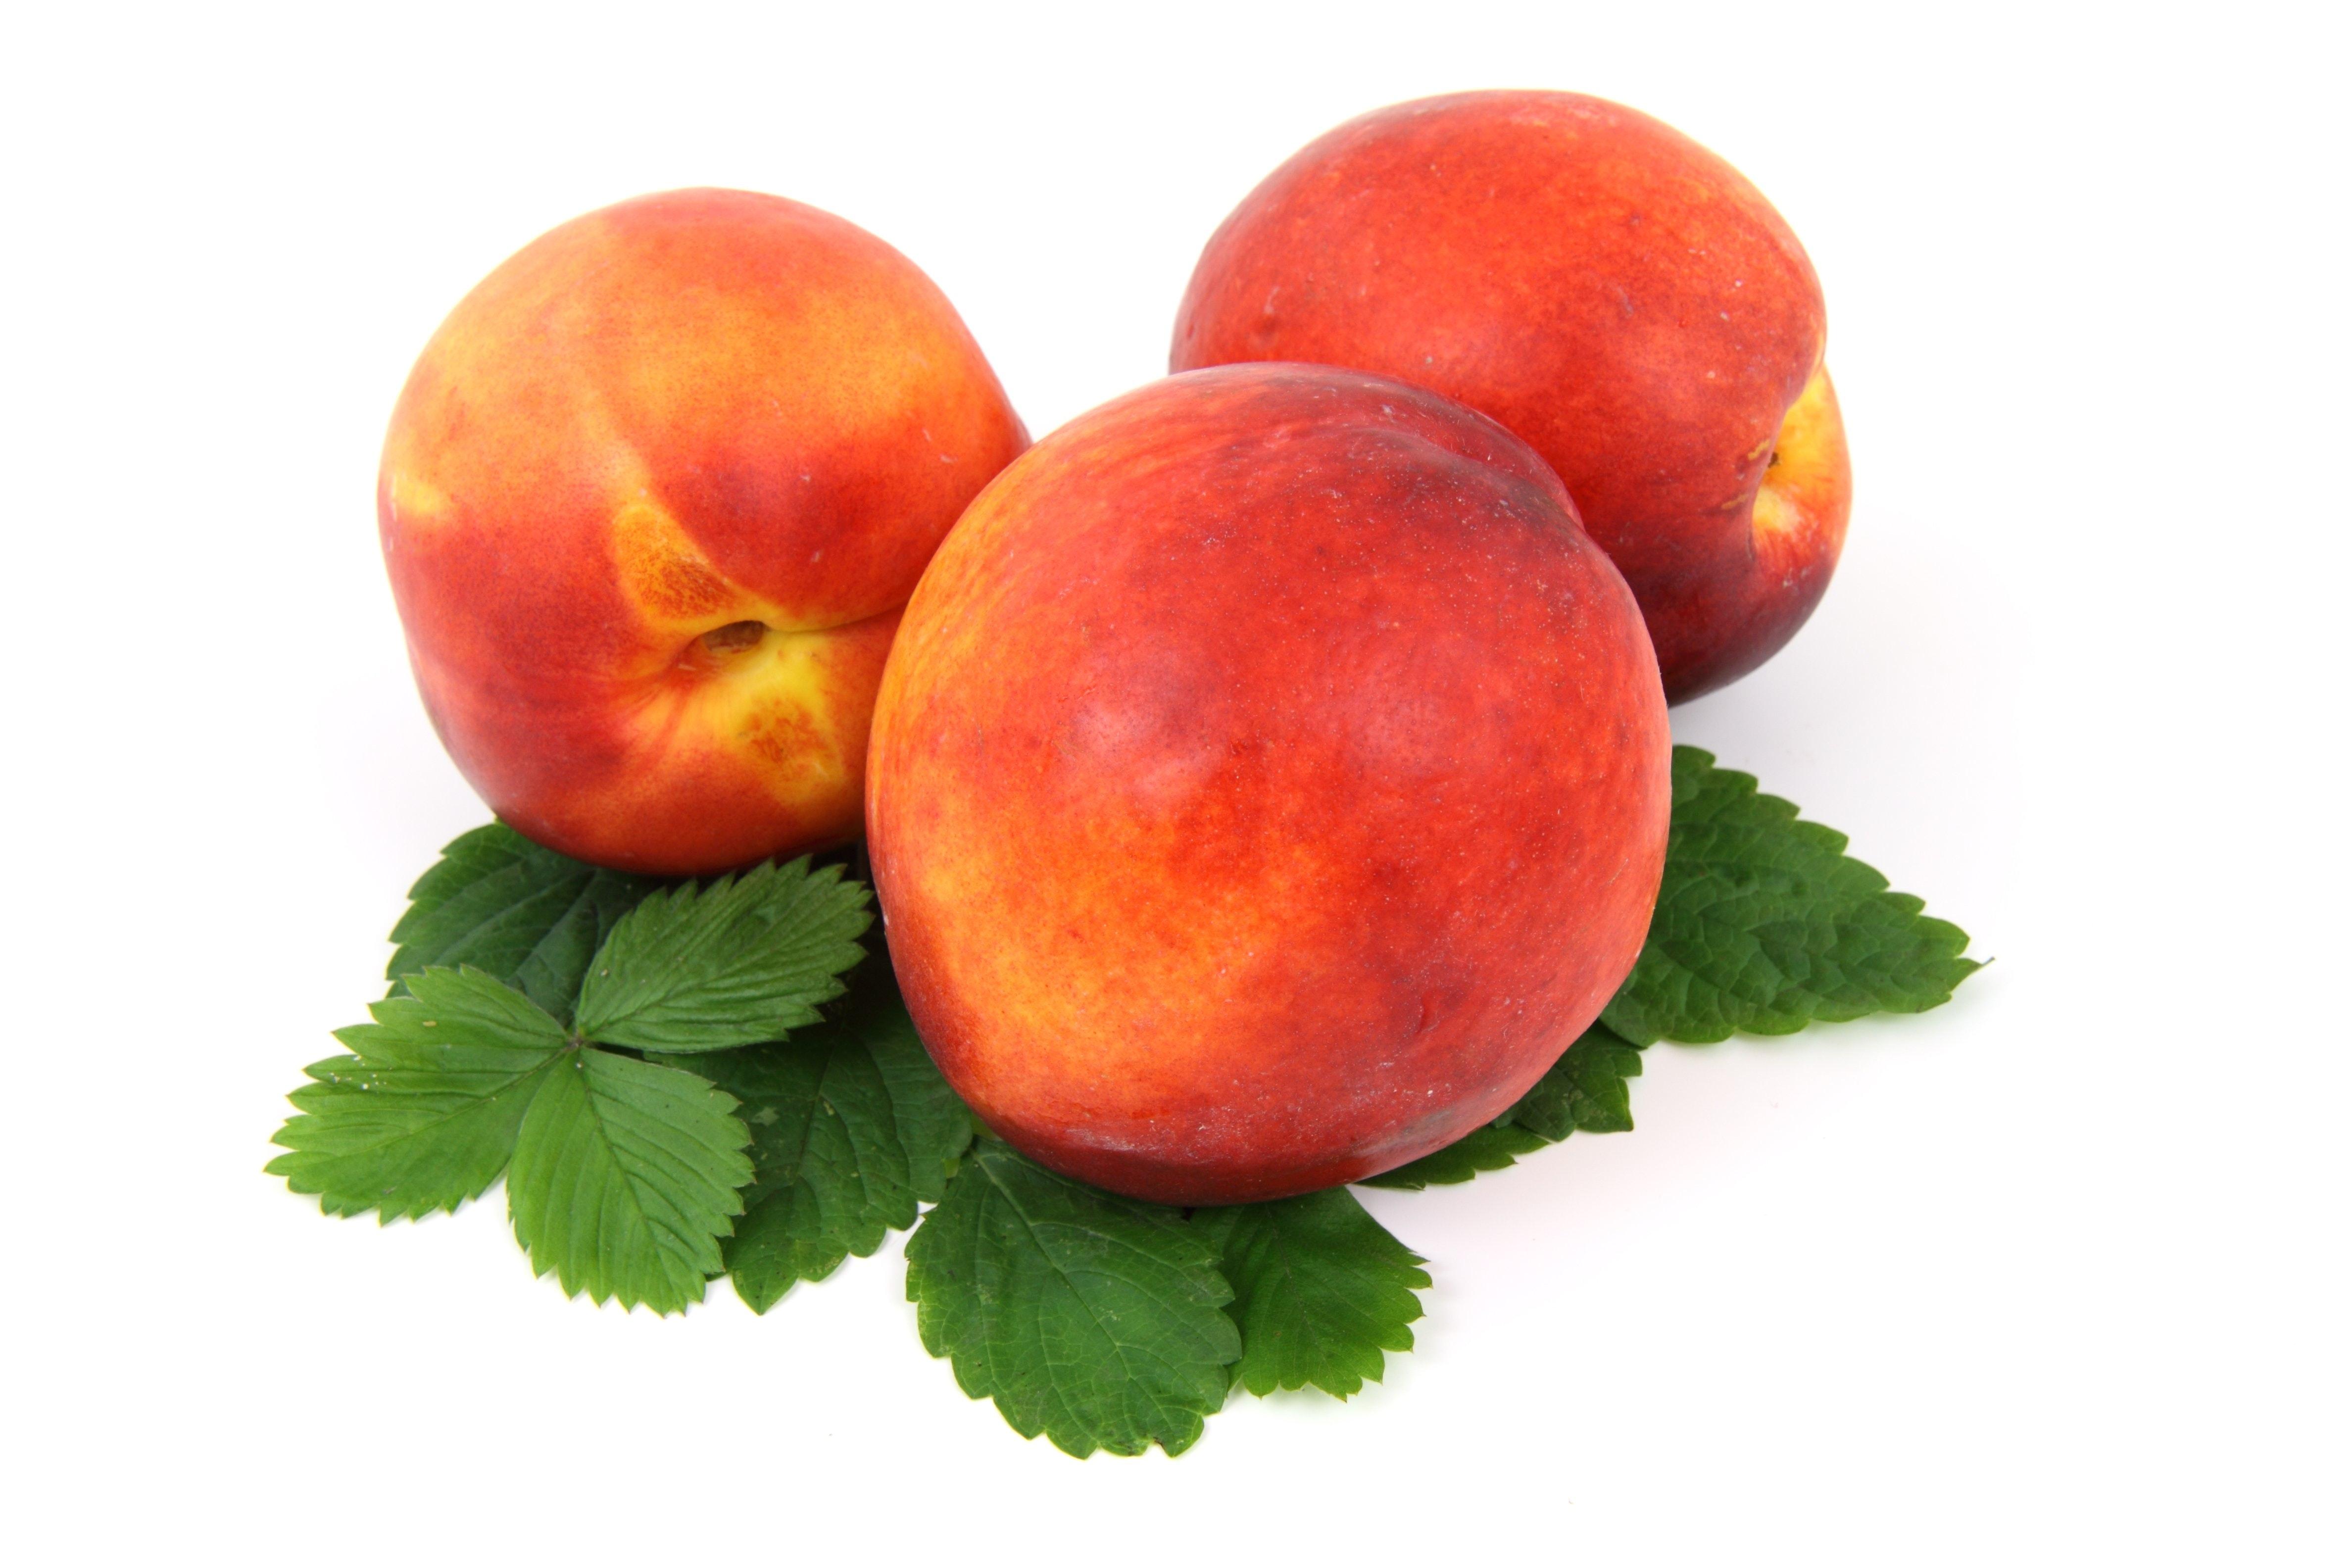 frutas_del_mes_de_junio_melocotones